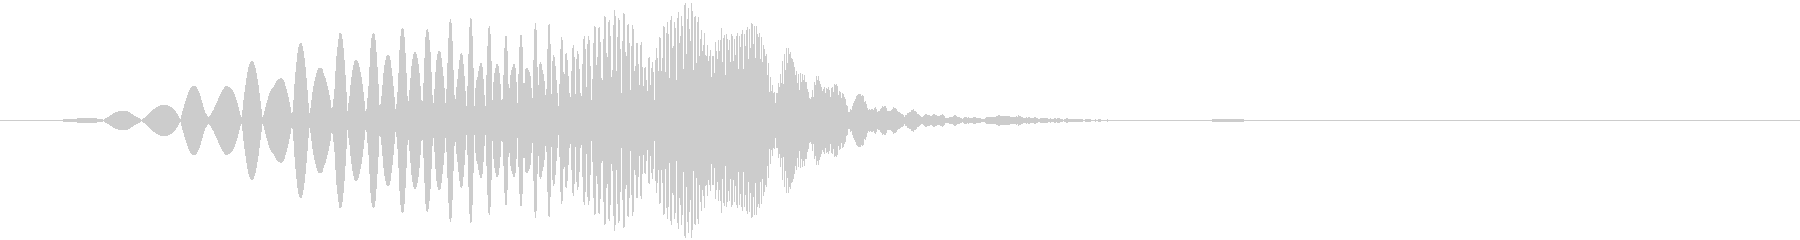 プイ(回復魔法・アイテム・入手・上昇音)の未再生の波形